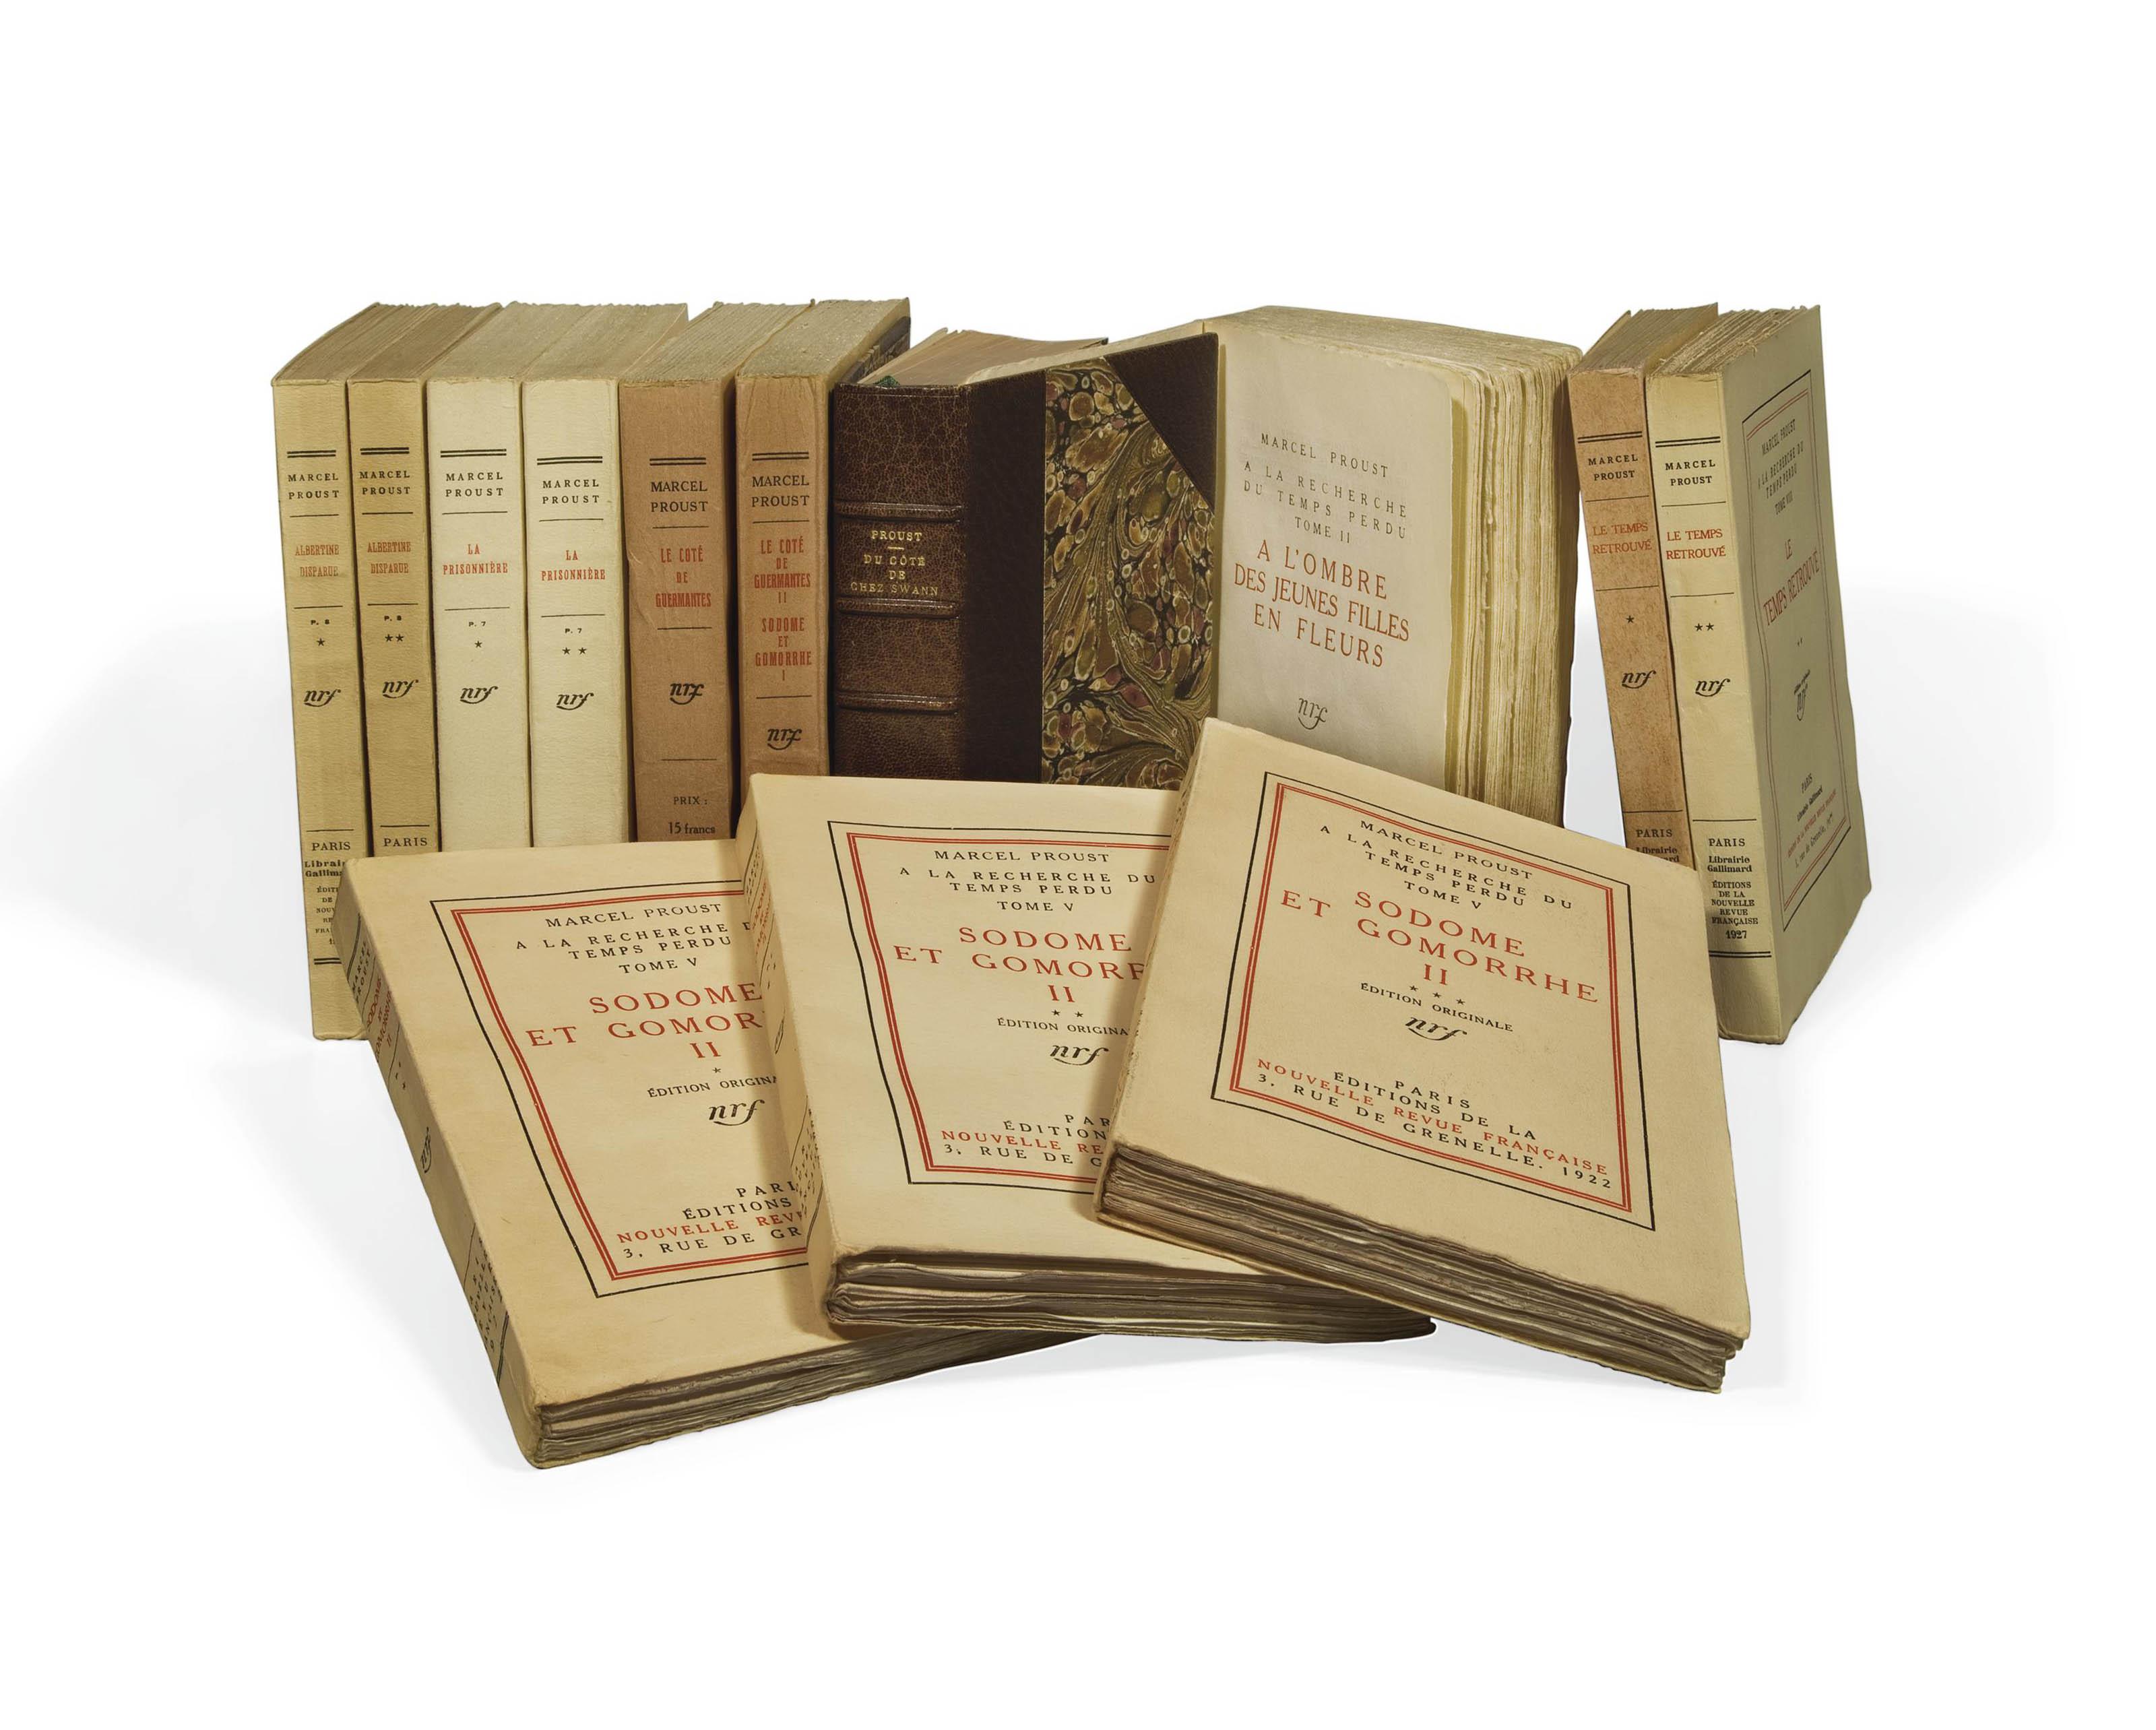 PROUST, Marcel (1871-1922). À la Recherche du temps perdu. Volume I: Paris: Grasset, 1913; volumes II-XIII: Paris: Gallimard, 1918-1927.